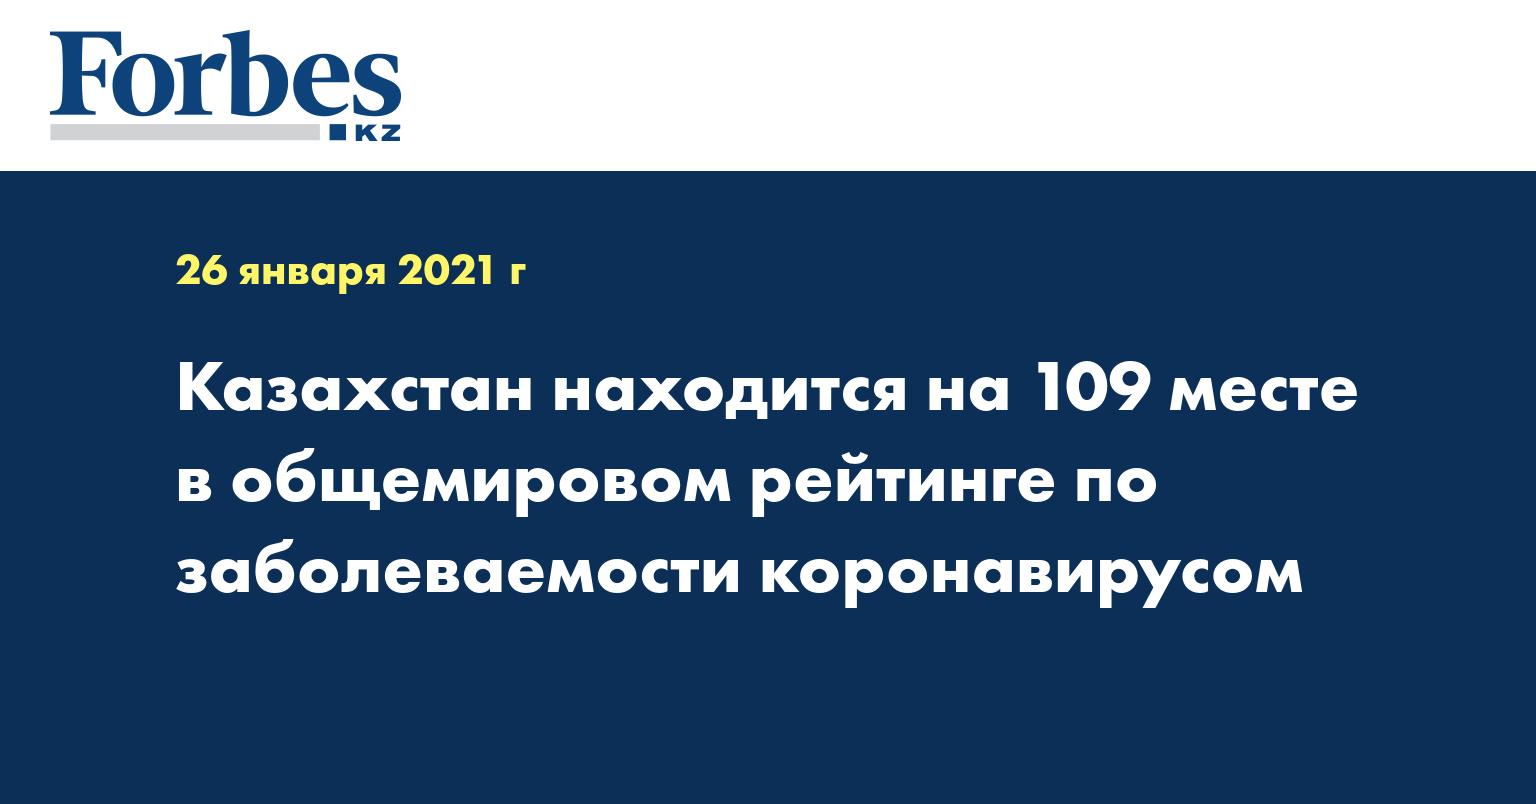 Казахстан находится на 109 месте в общемировом рейтинге по заболеваемости коронавирусом